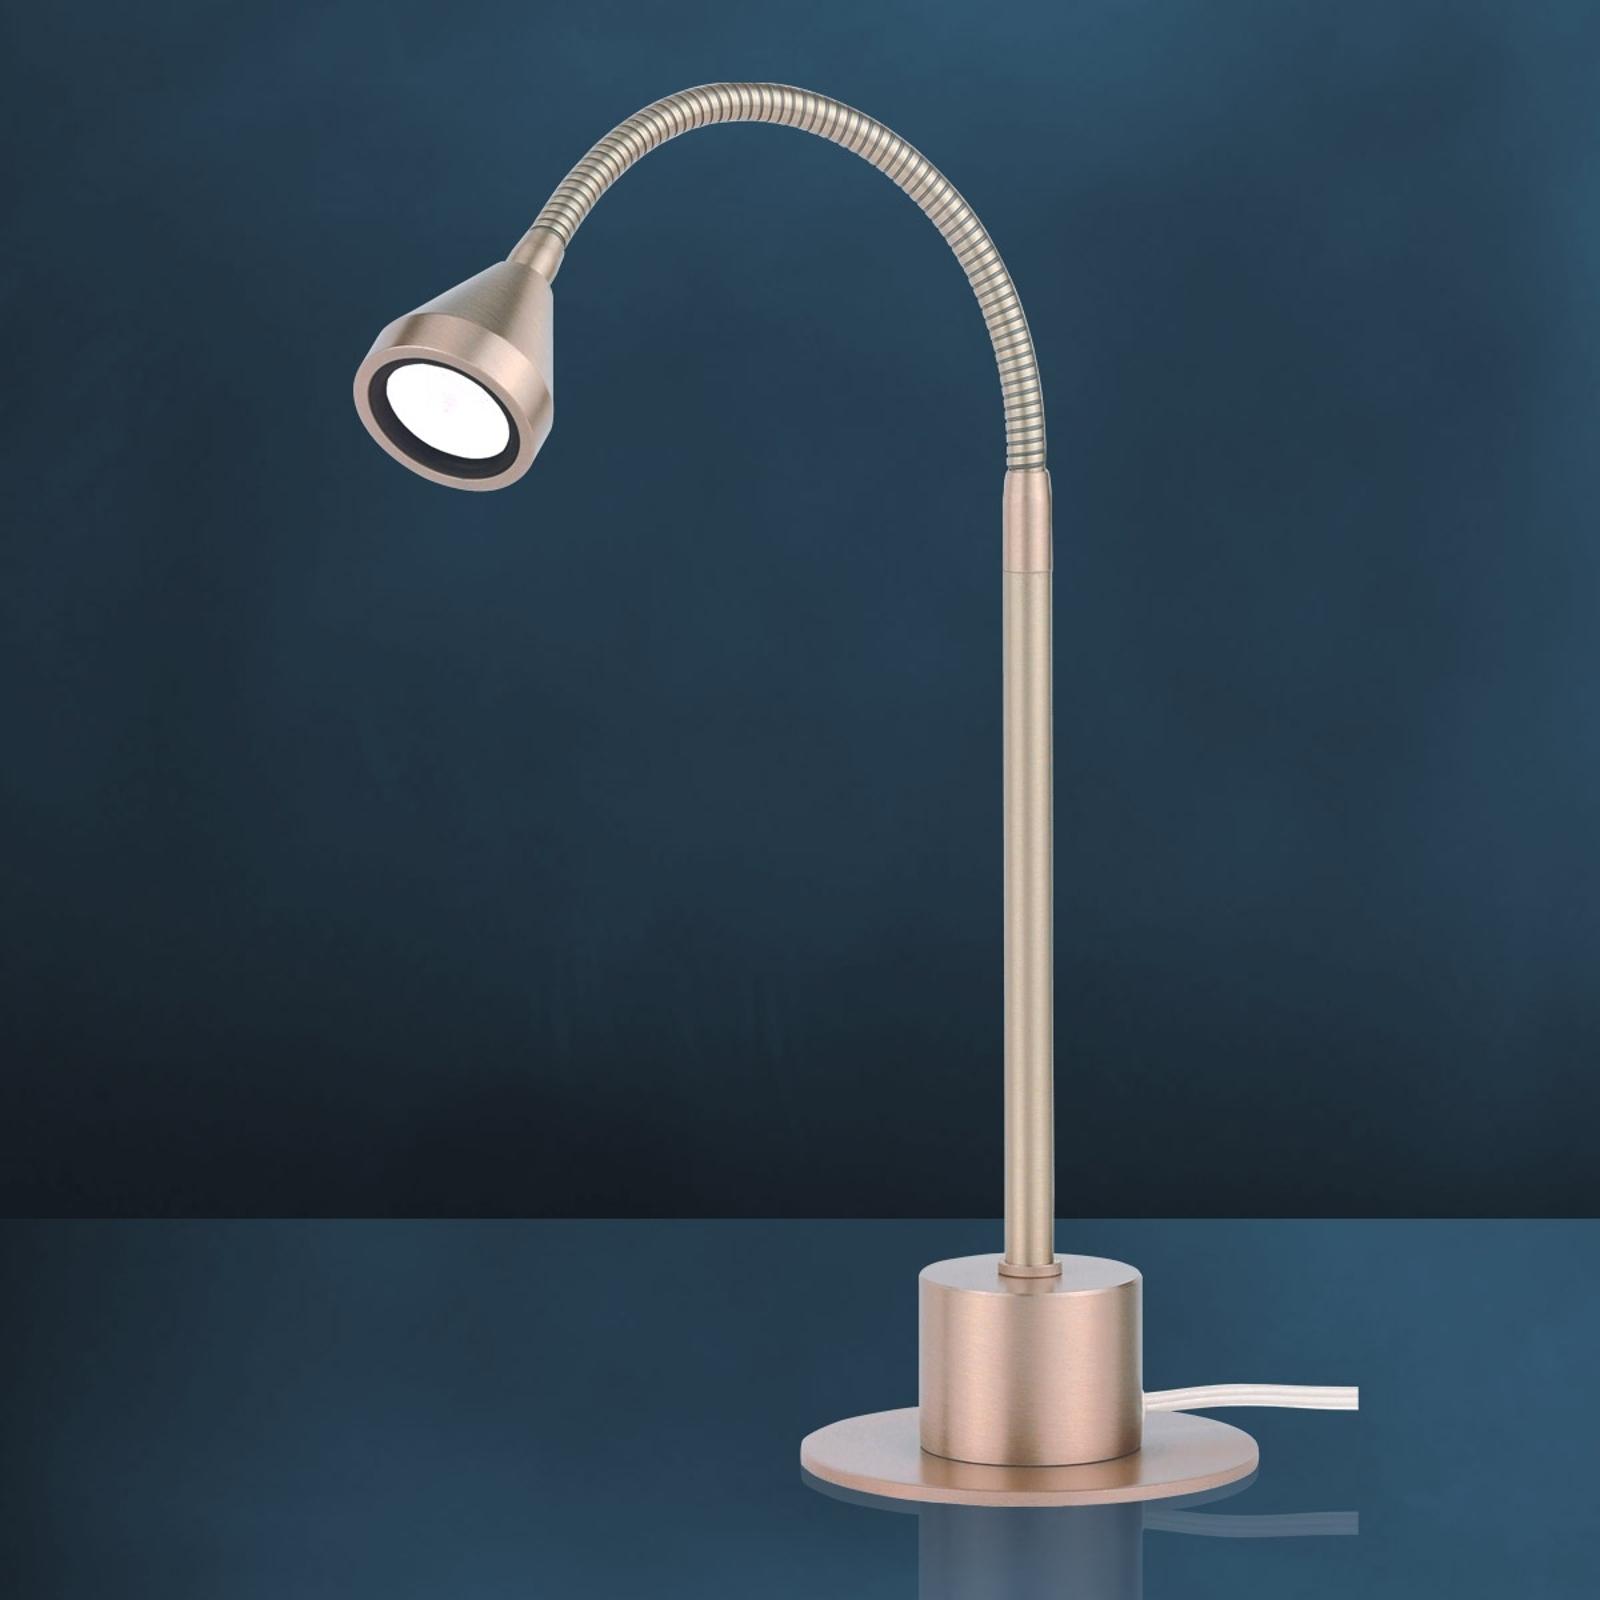 LED-Tischleuchte MINI, flex. Arm, universalweiß